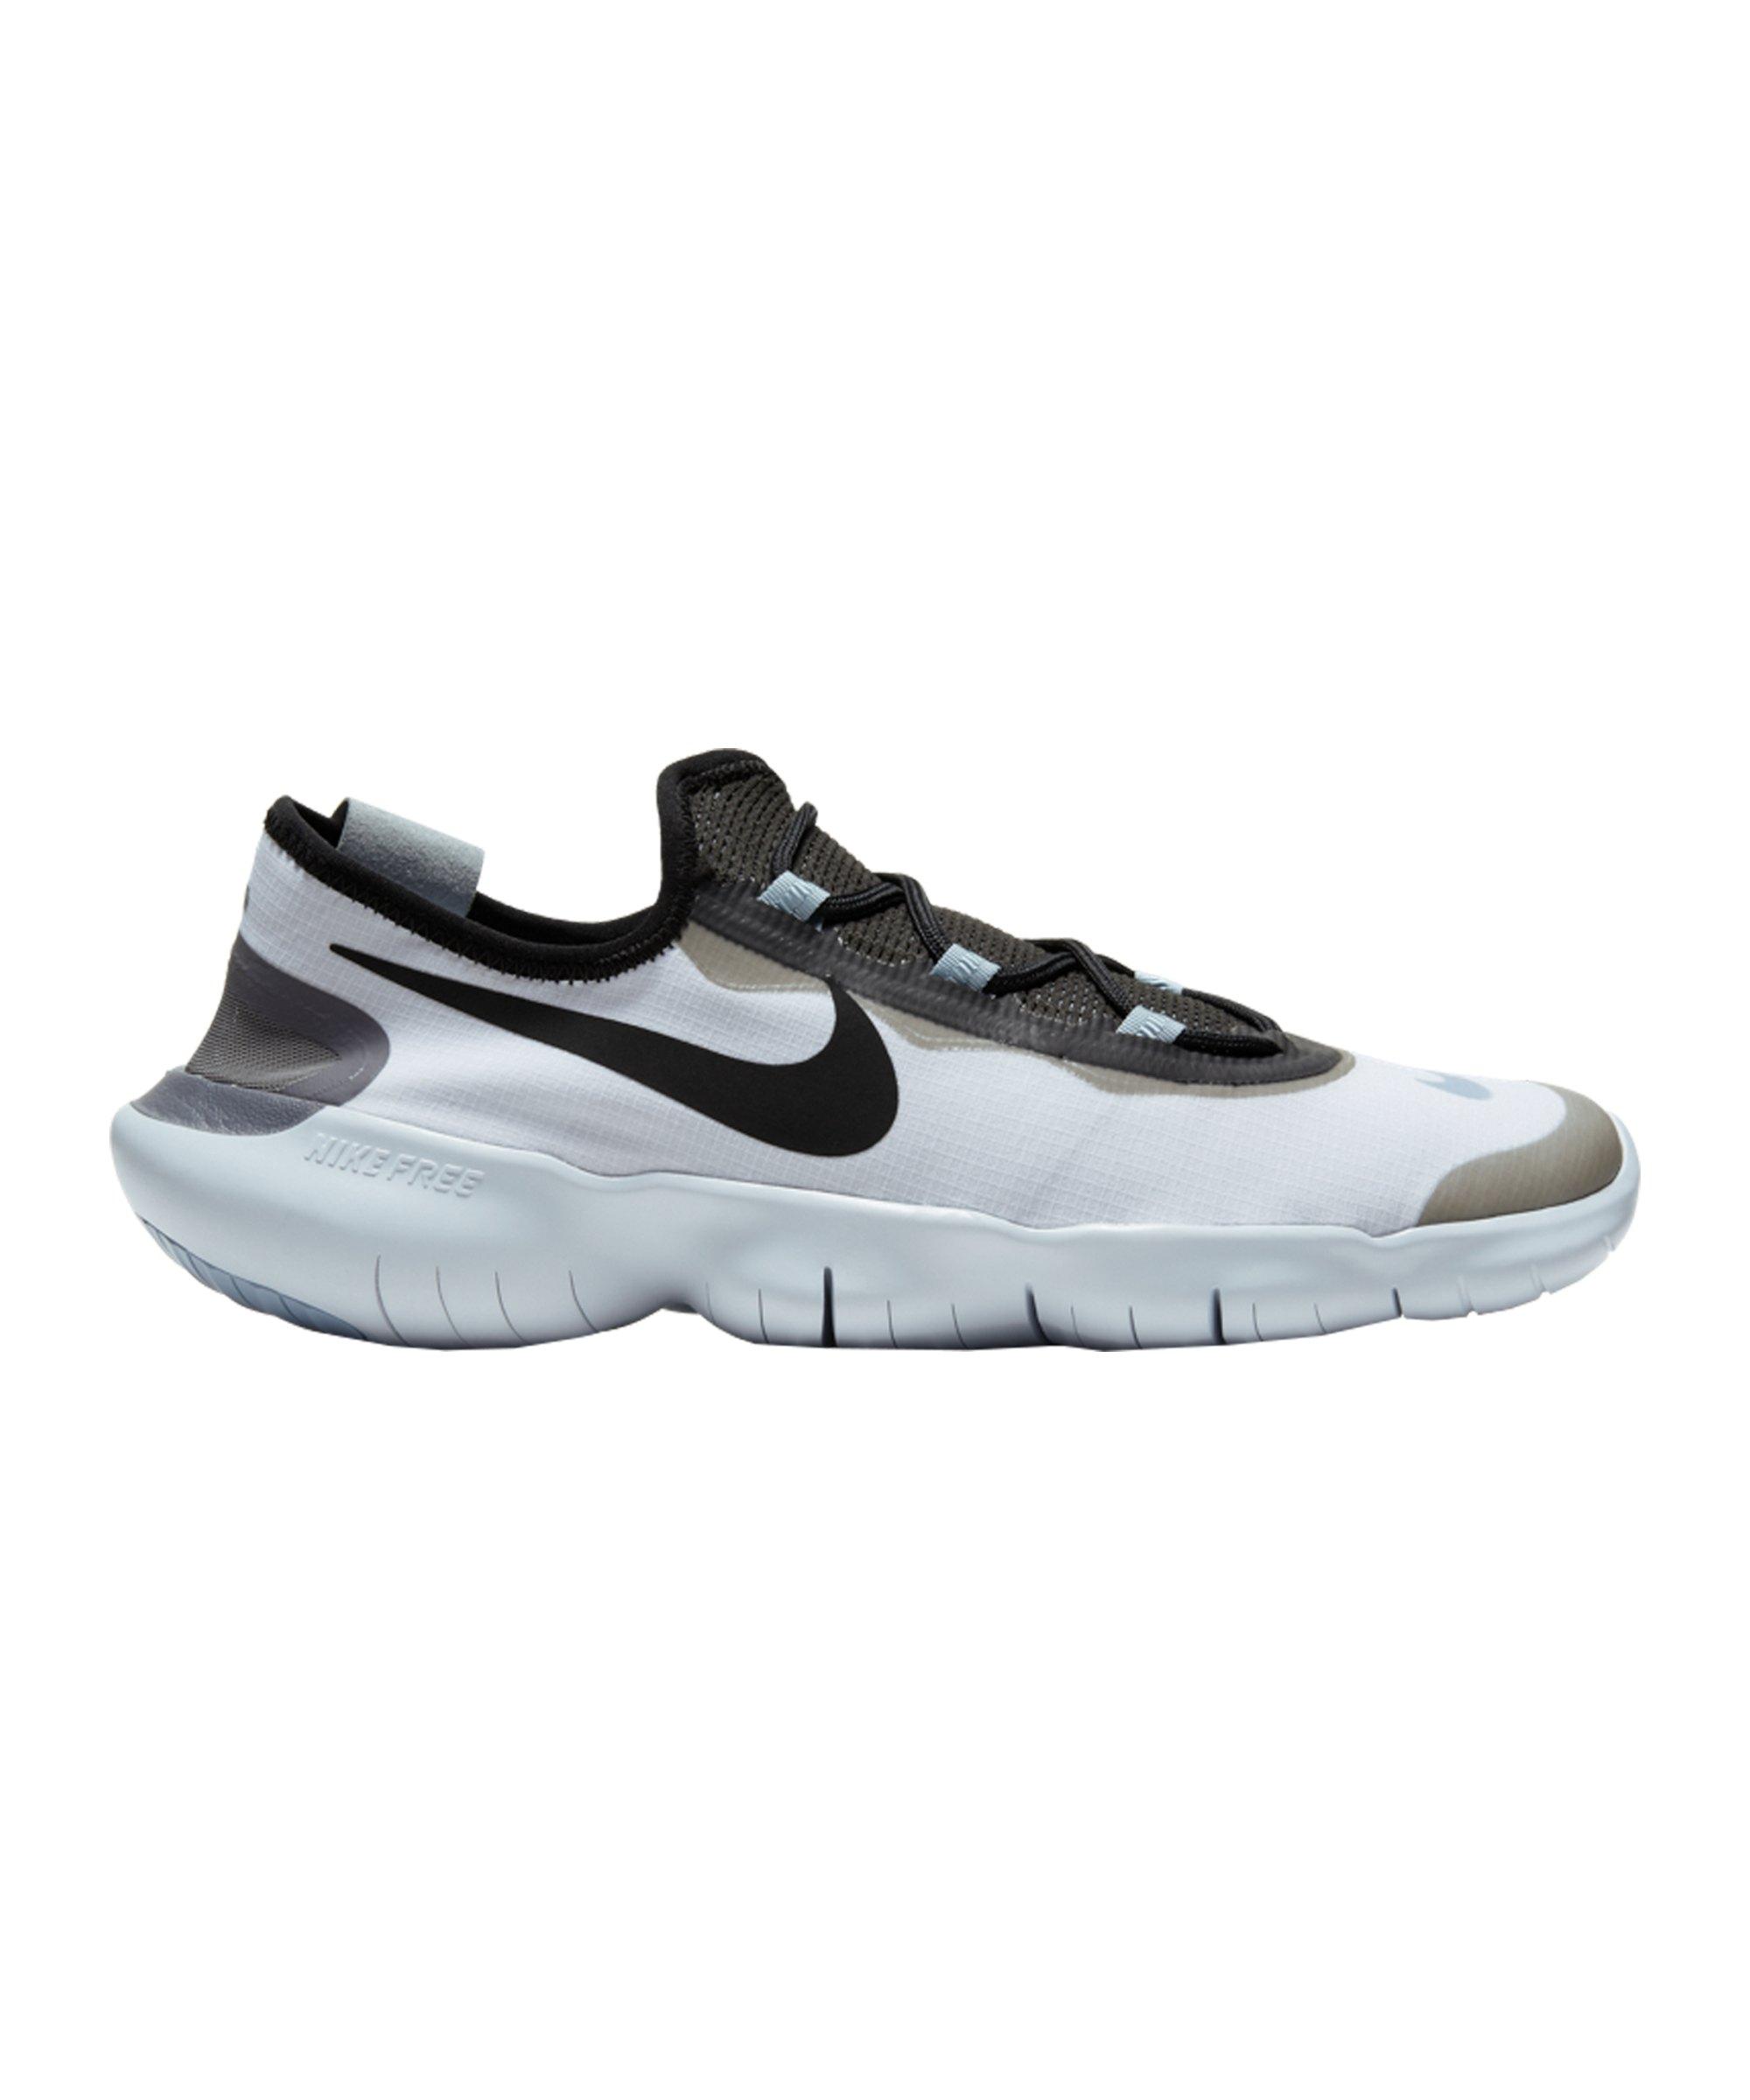 Nike Free Run 5.0 Running Weiss F100 - weiss